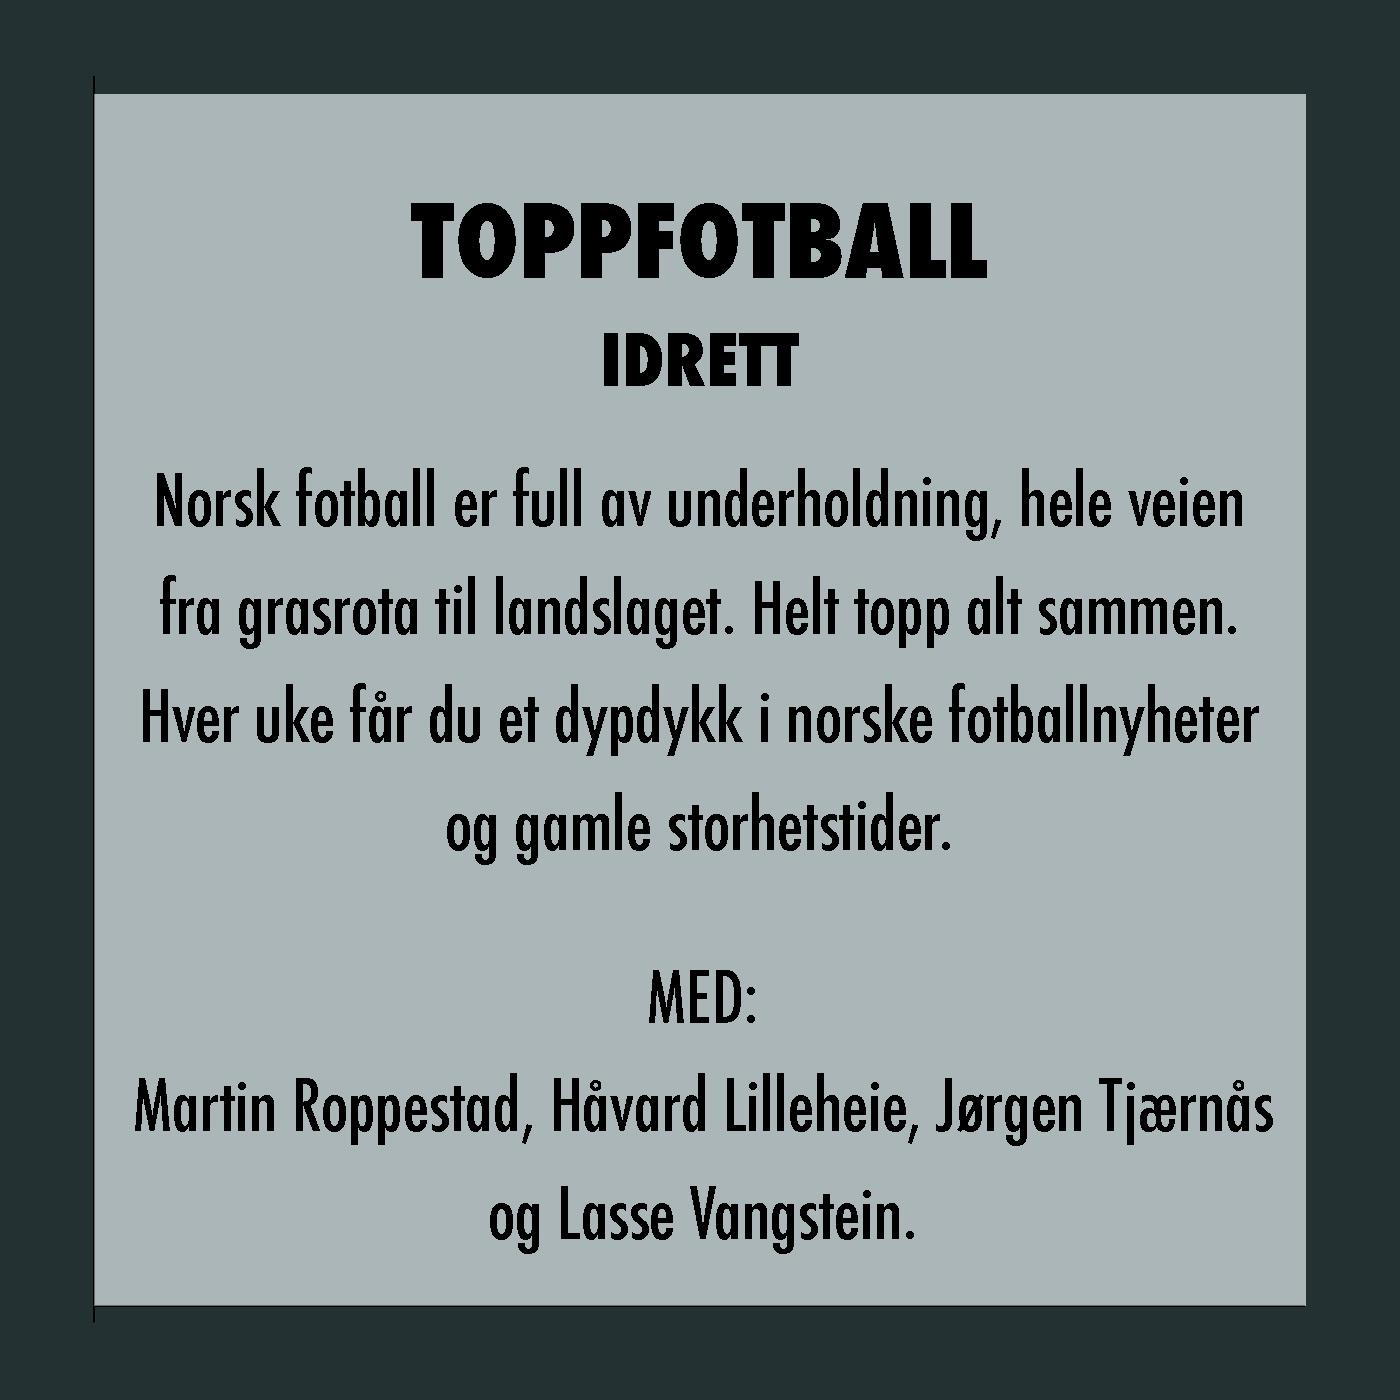 Toppfotball.jpg